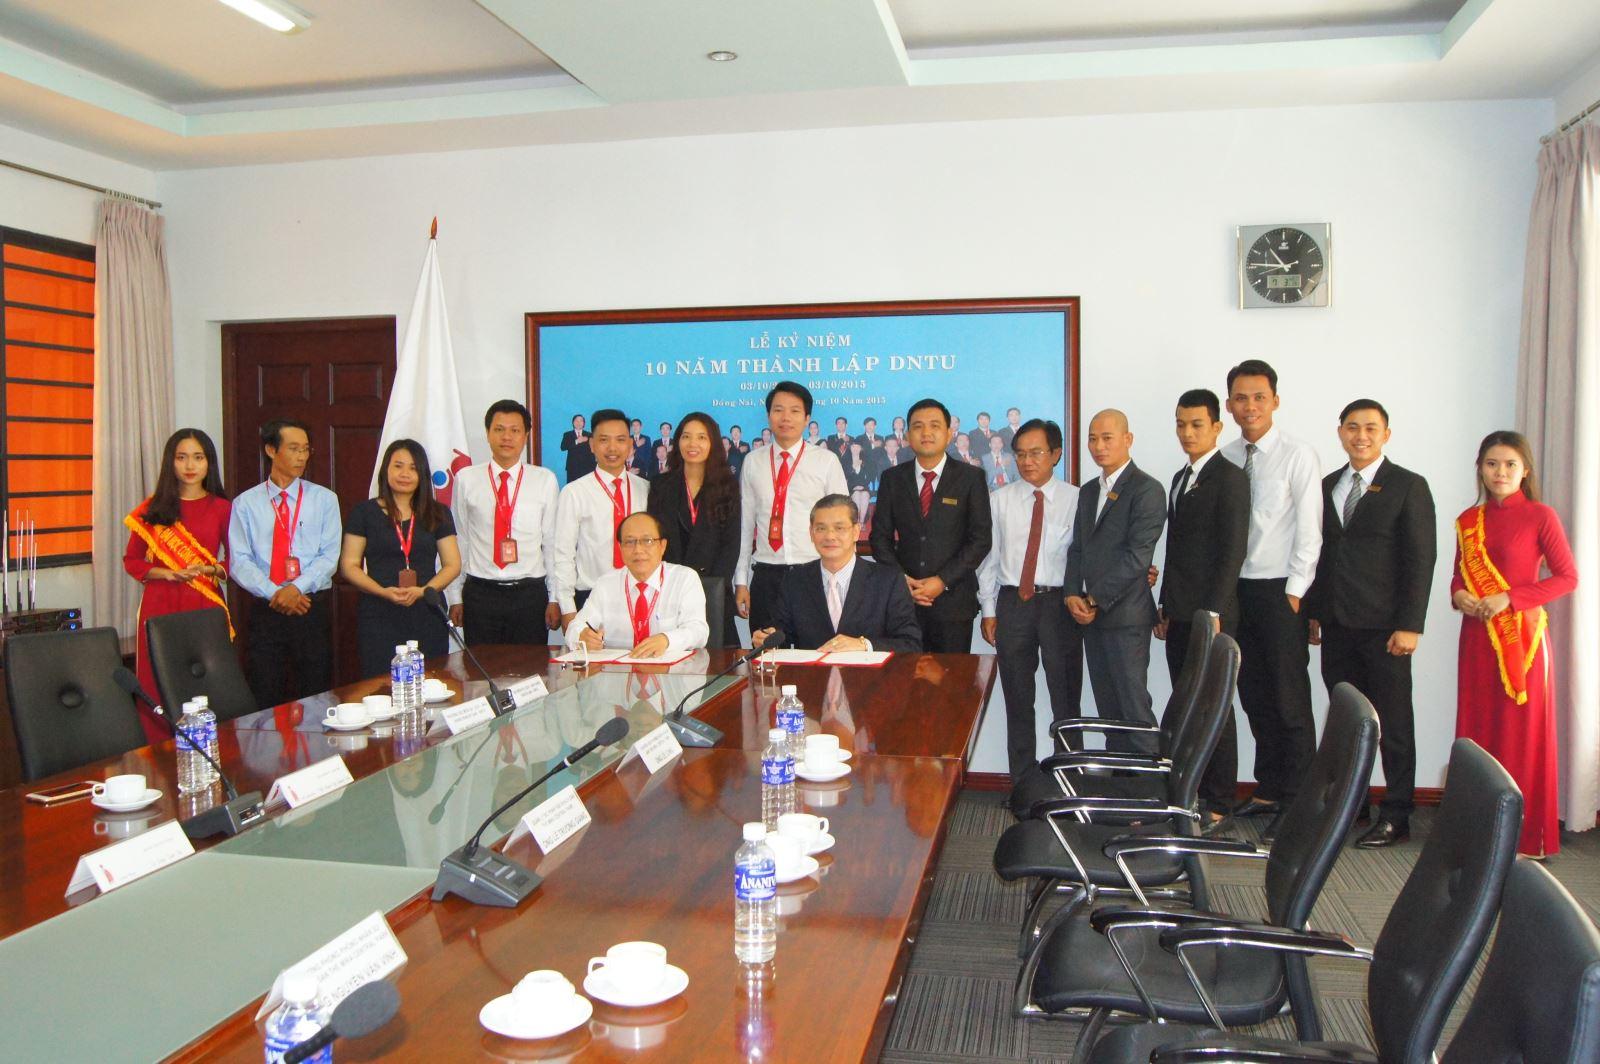 Lễ ký kết hợp tác giữa Trường Đại học Công nghệ Đồng Nai và Khách sạn 5 sao The Mira Central Park